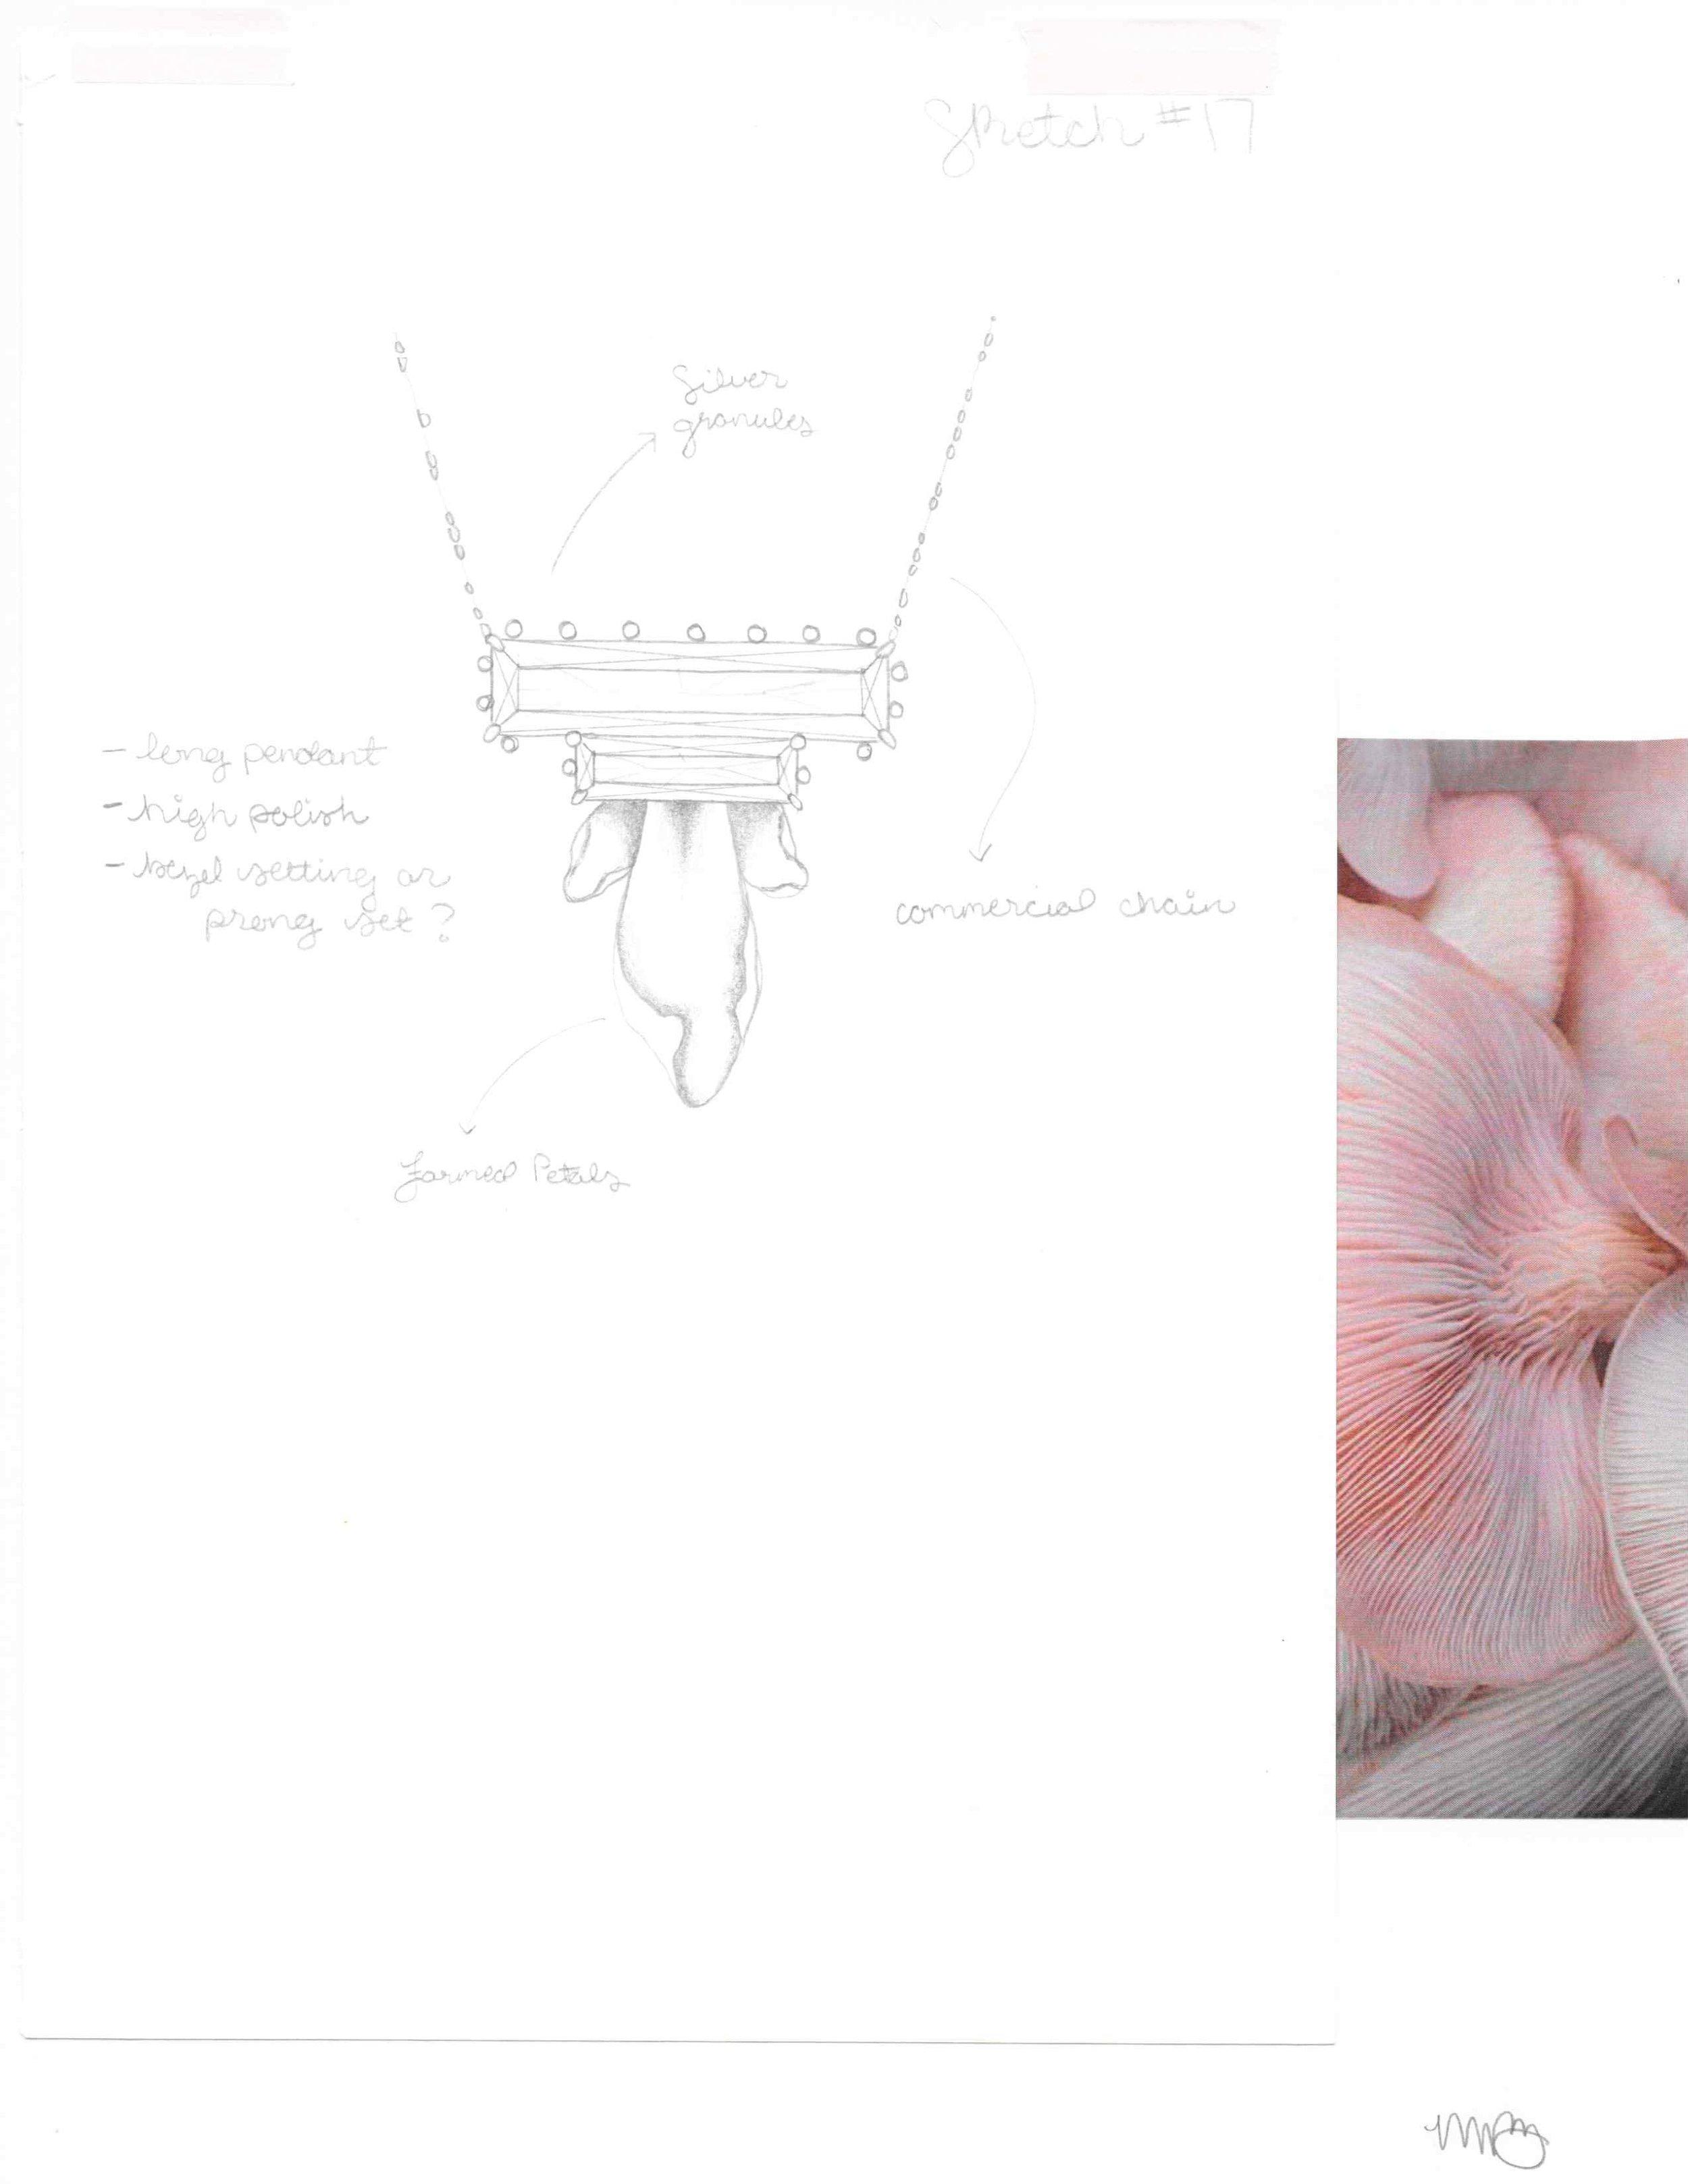 Usurper Sketch_017.jpg